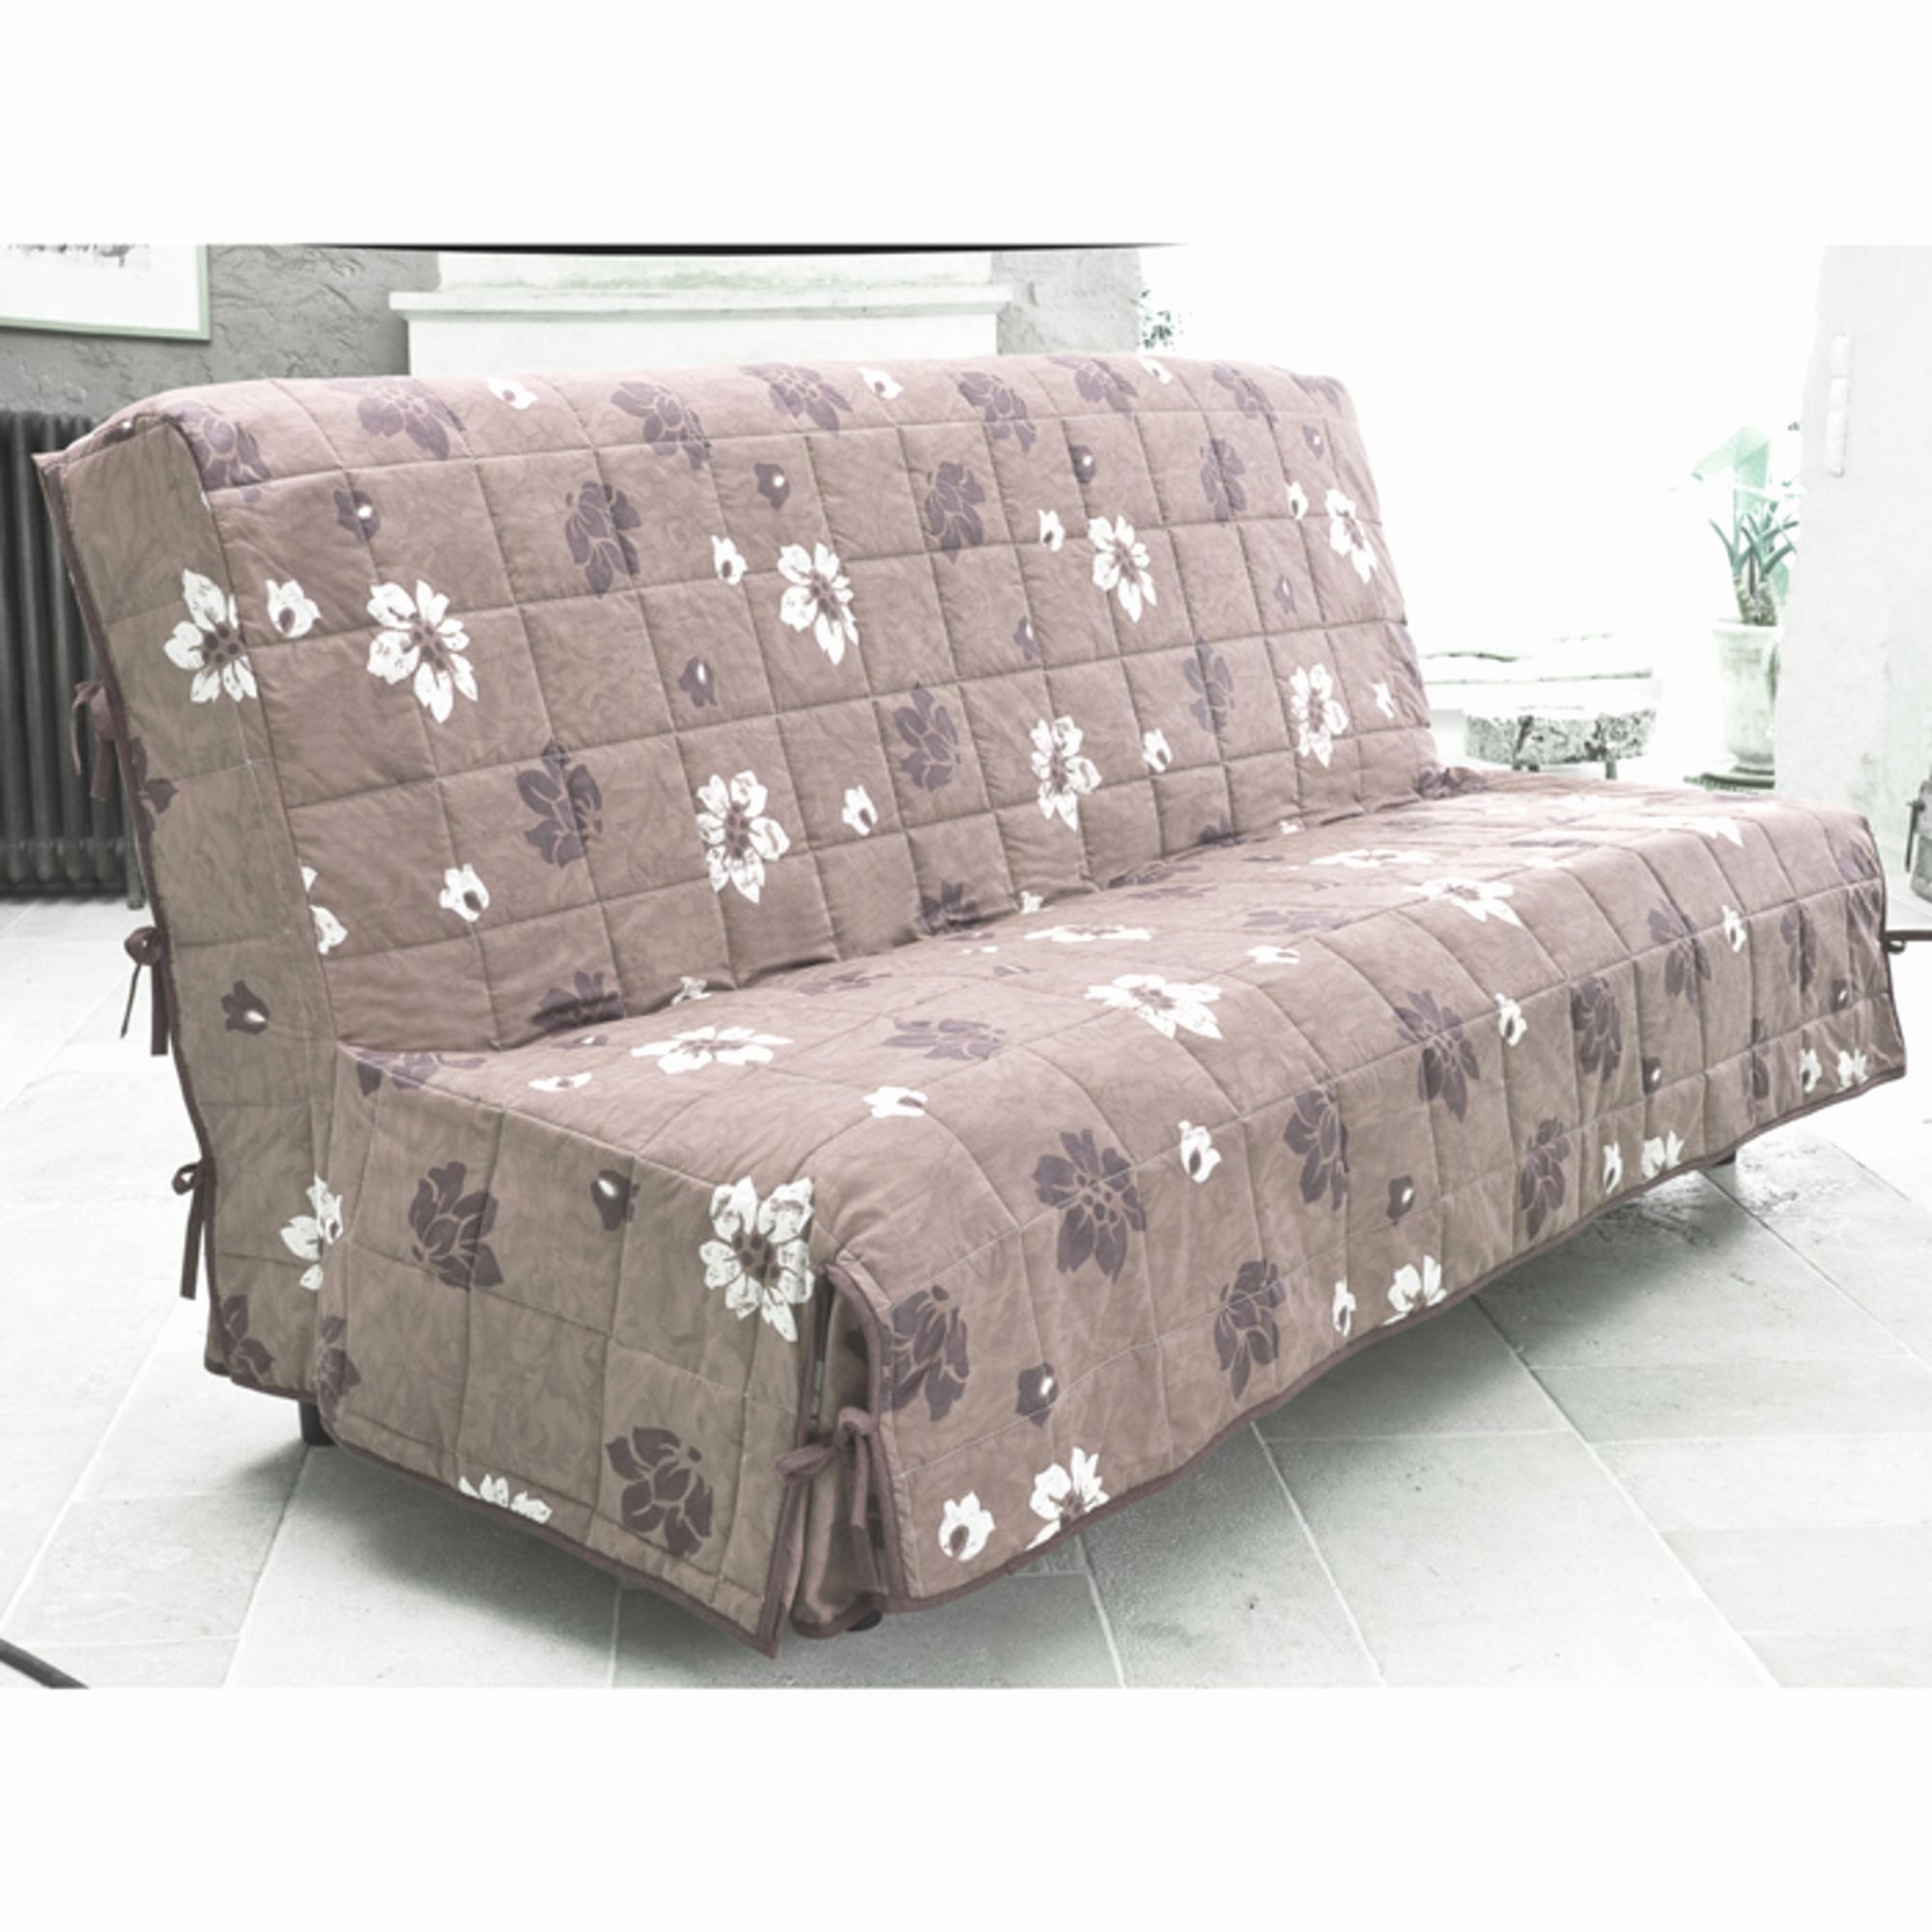 74 impressionnant galerie de housse pour bz ikea. Black Bedroom Furniture Sets. Home Design Ideas